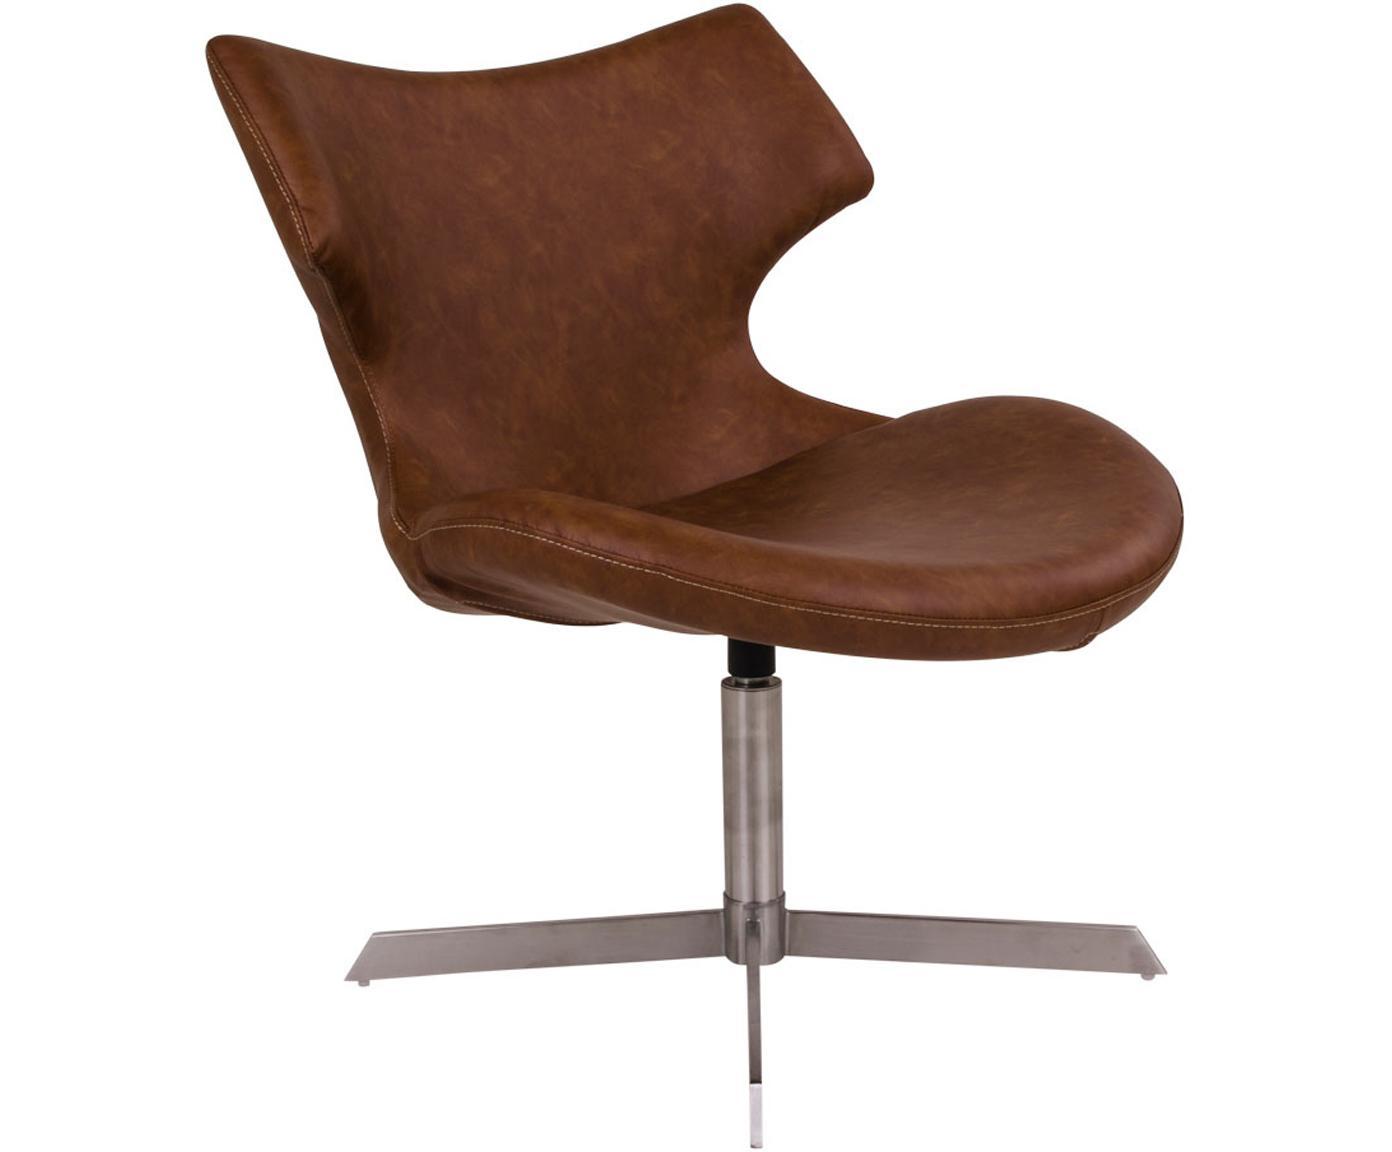 Krzesło obrotowe ze sztucznej skóry Zampi, Tapicerka: sztuczna skóra, Stelaż: stal, Brązowy, stal, S 70 x G 65 cm